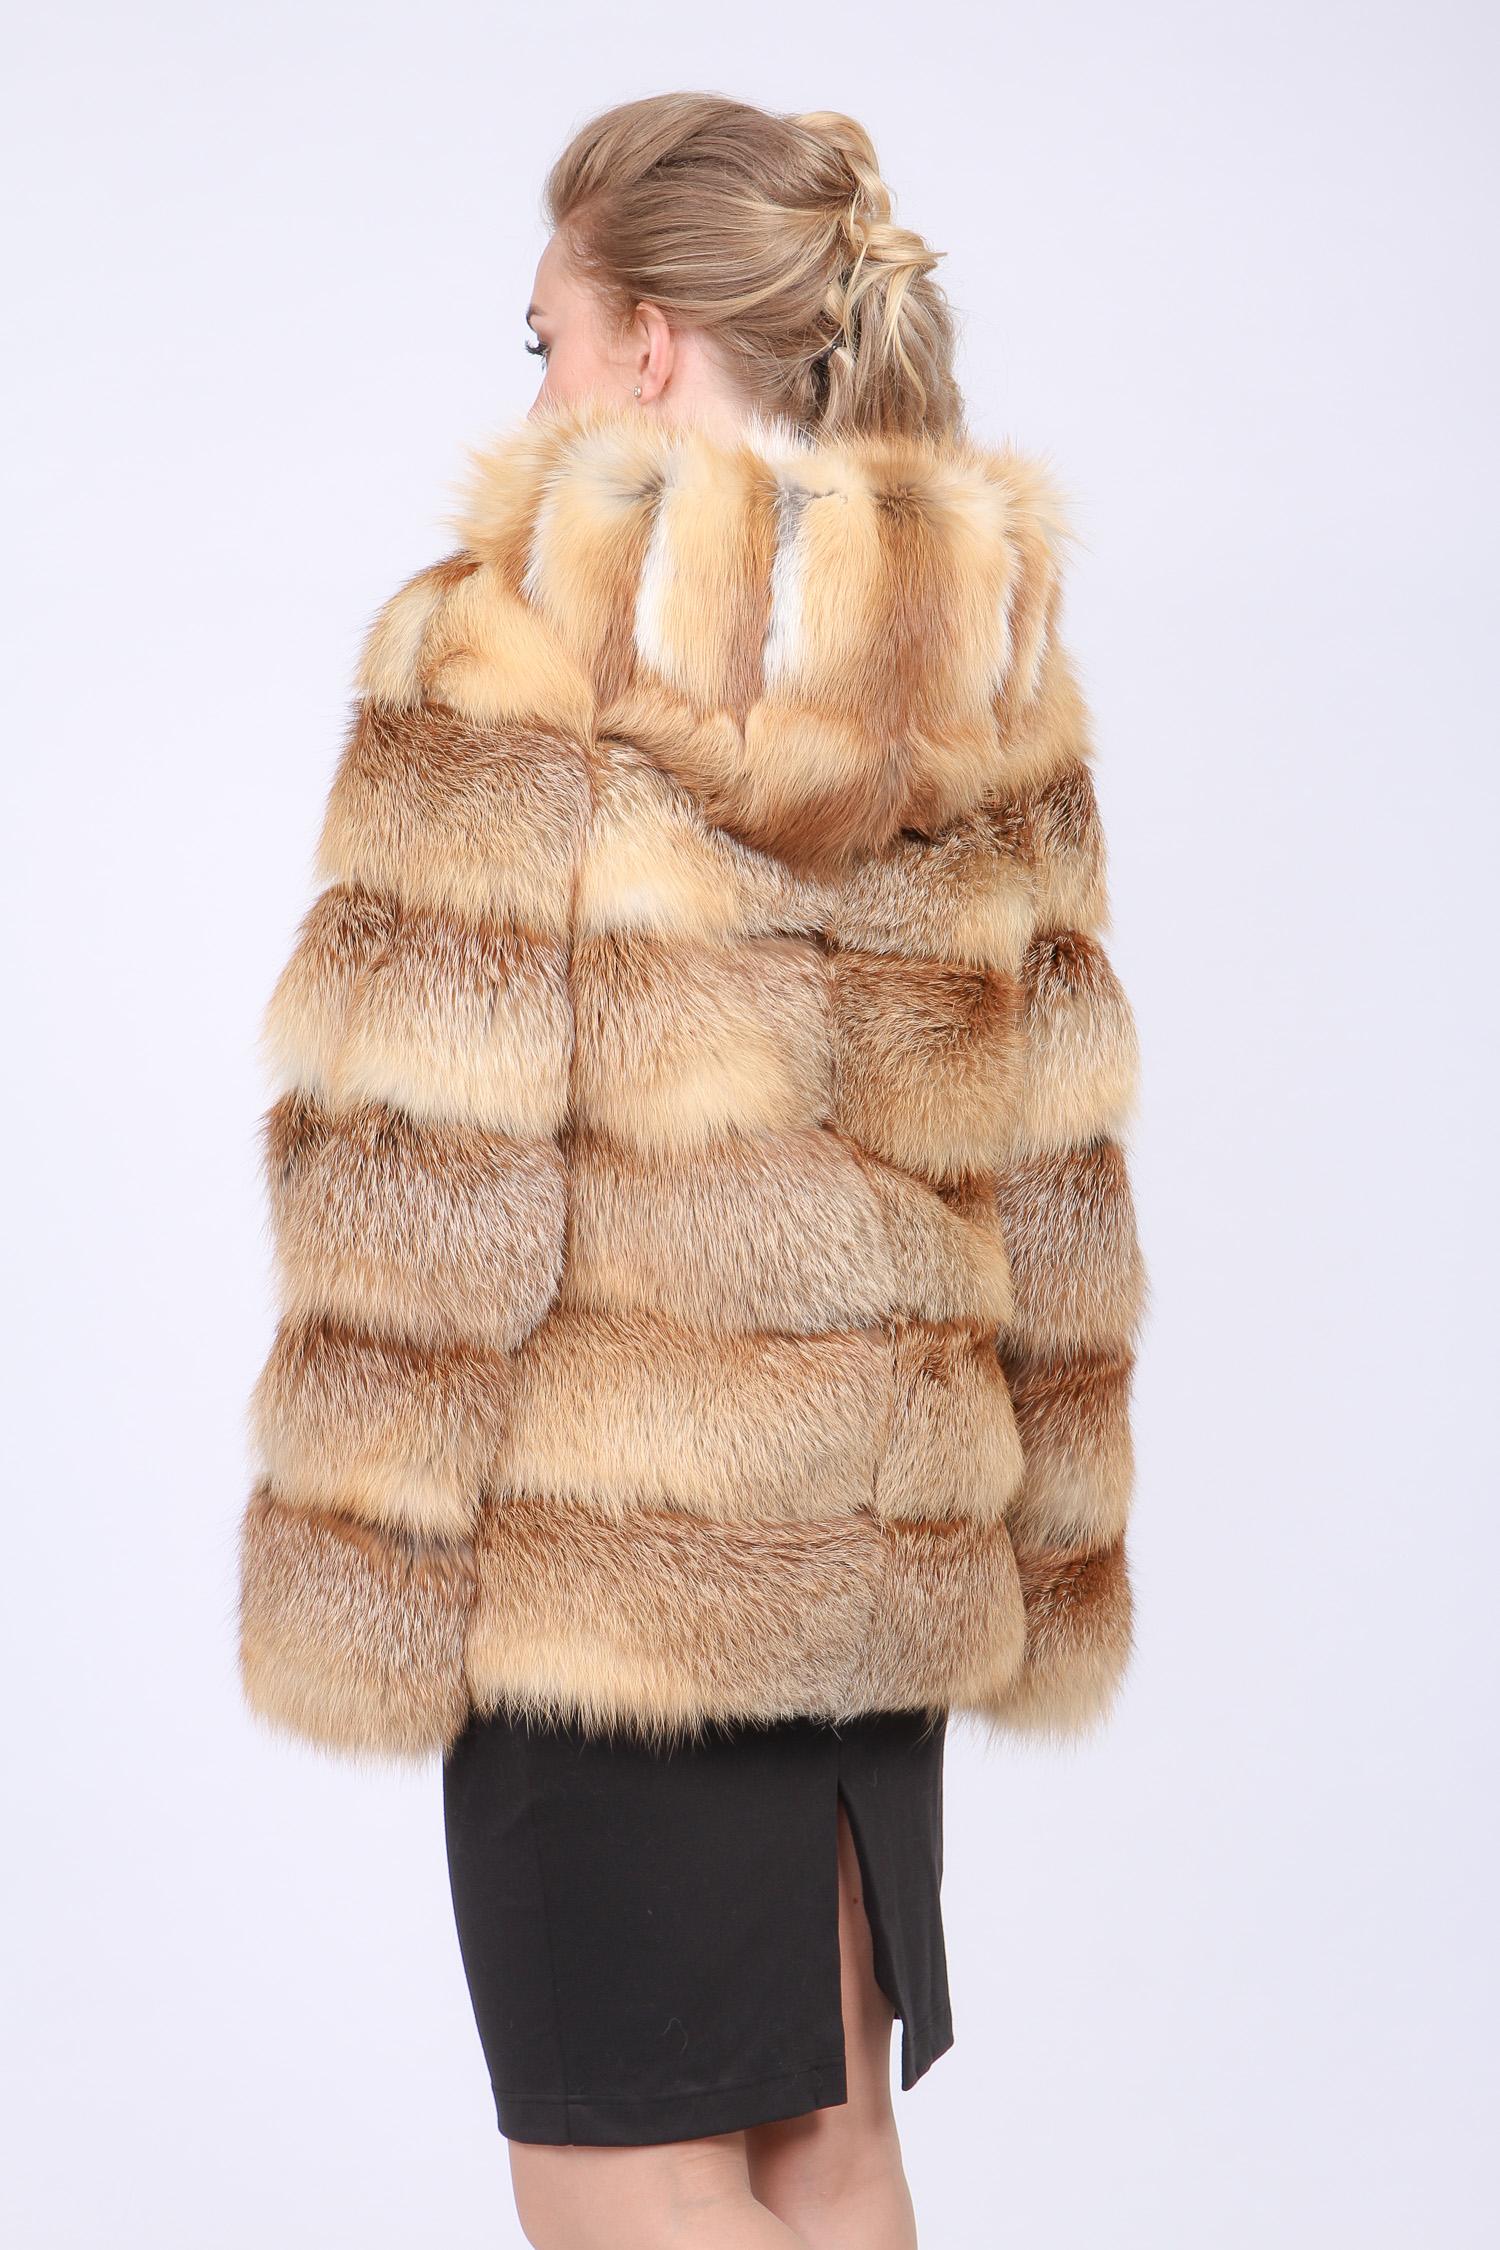 Шуба из лисы с капюшоном, без отделки от Московская Меховая Компания